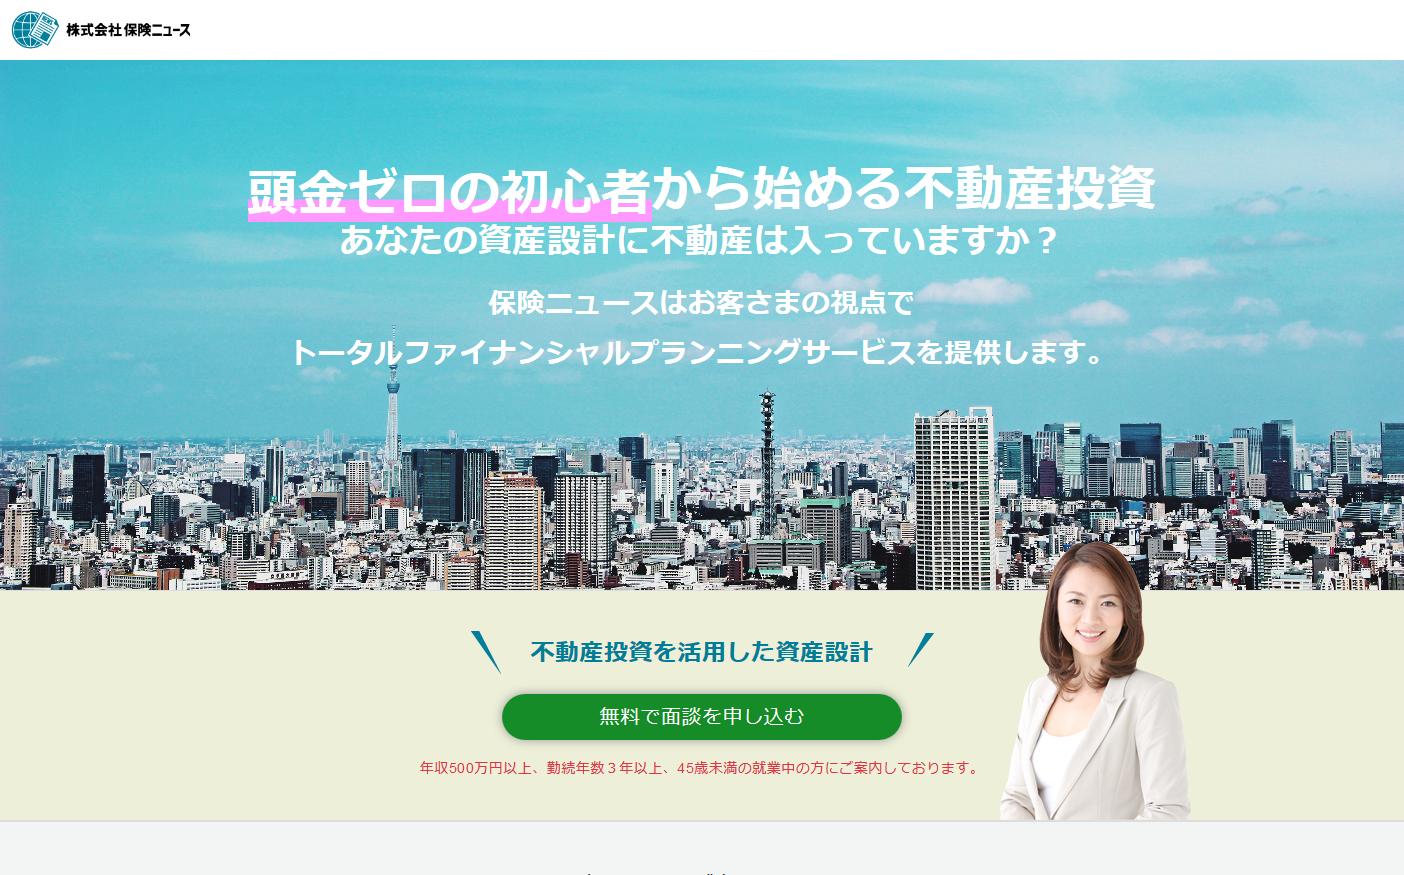 【保険ニュース】不動産投資を活用した資産形成